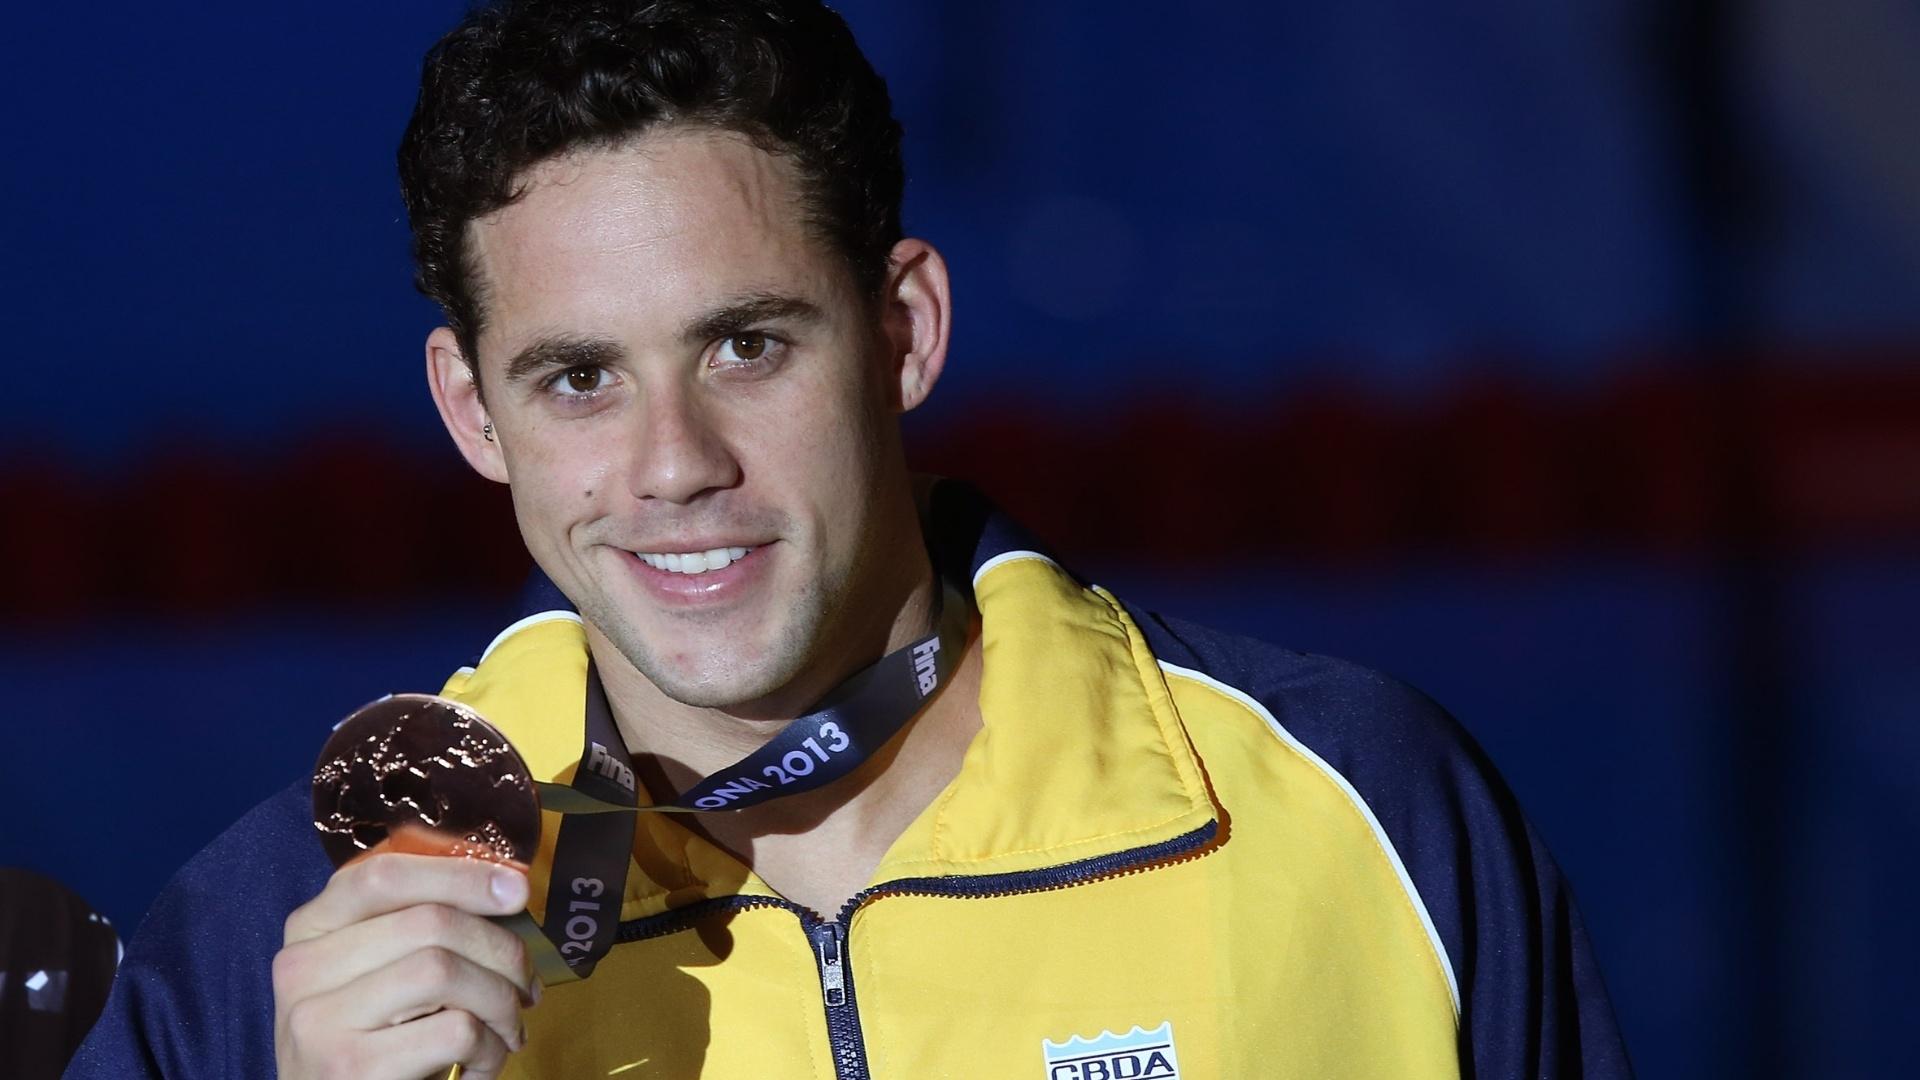 04.ago.2013 - Brasileiro Thiago Pereira exibe a medalha de bronze conquistadas nos 400 m medley do Mundial de Barcelona